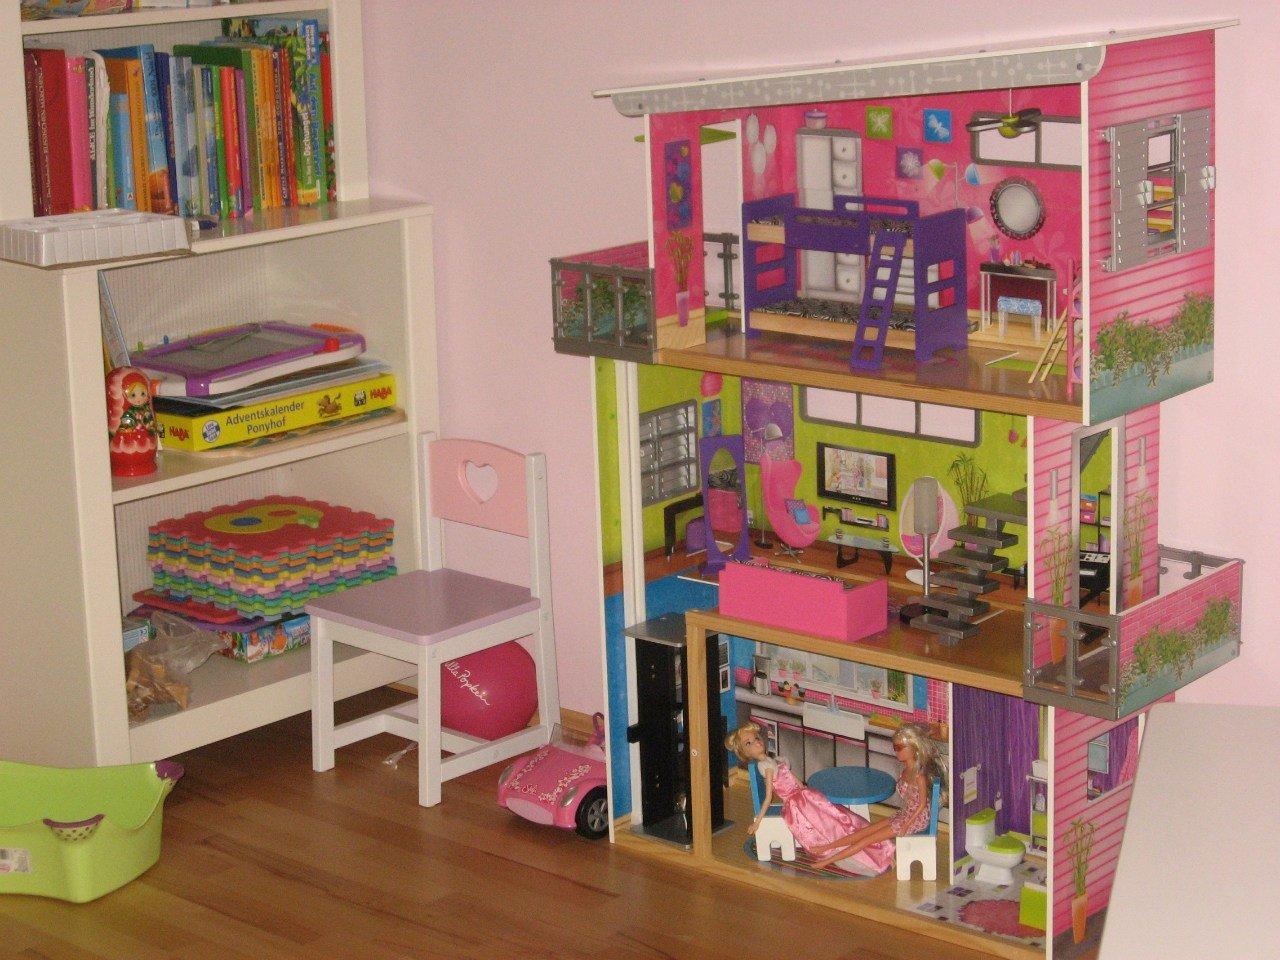 Kinderzimmer \'Mädchenzimmer\' - Unser Haus - Zimmerschau